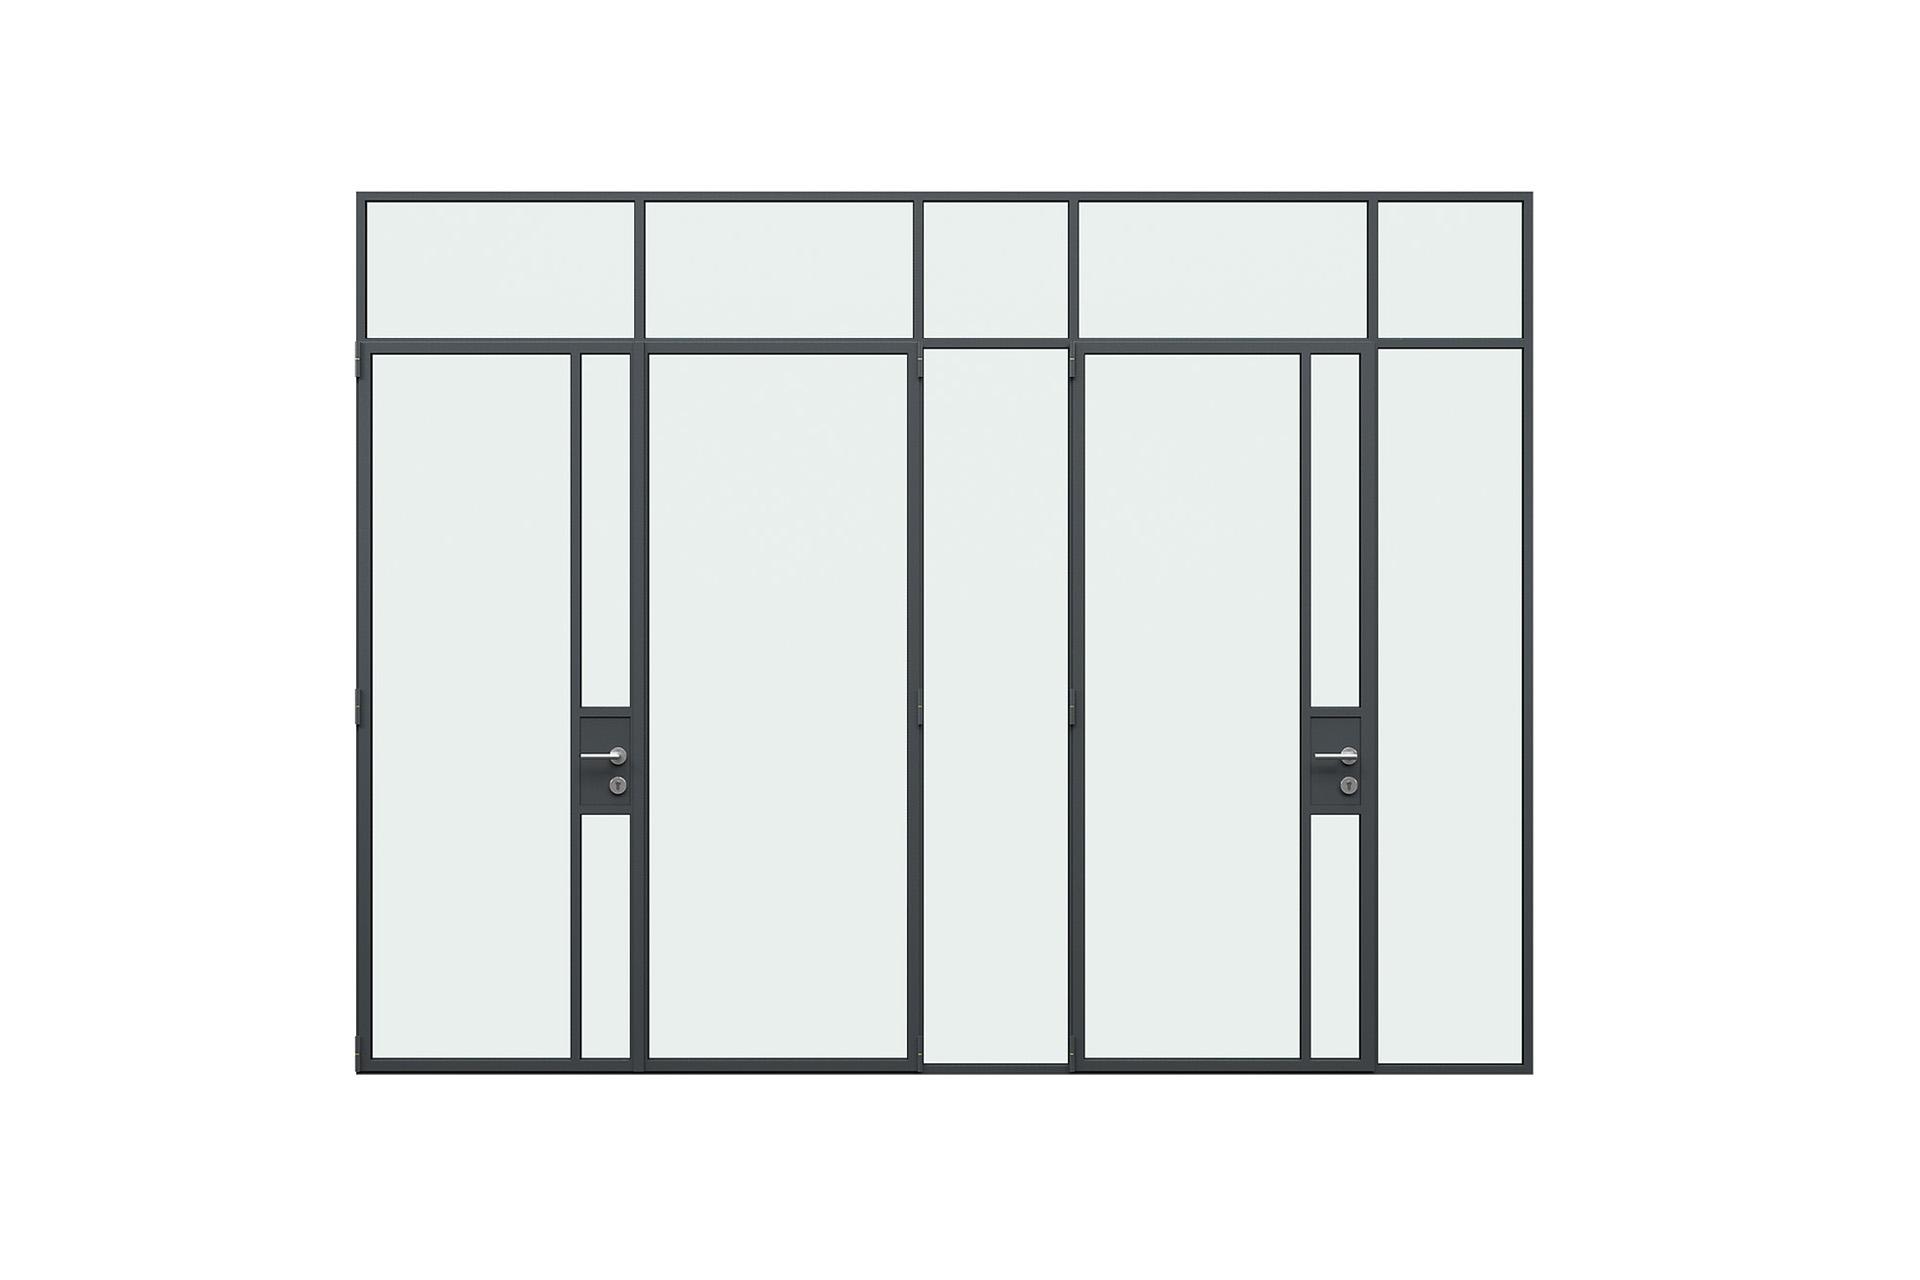 3d rendering front view of MHB steel lock case doors